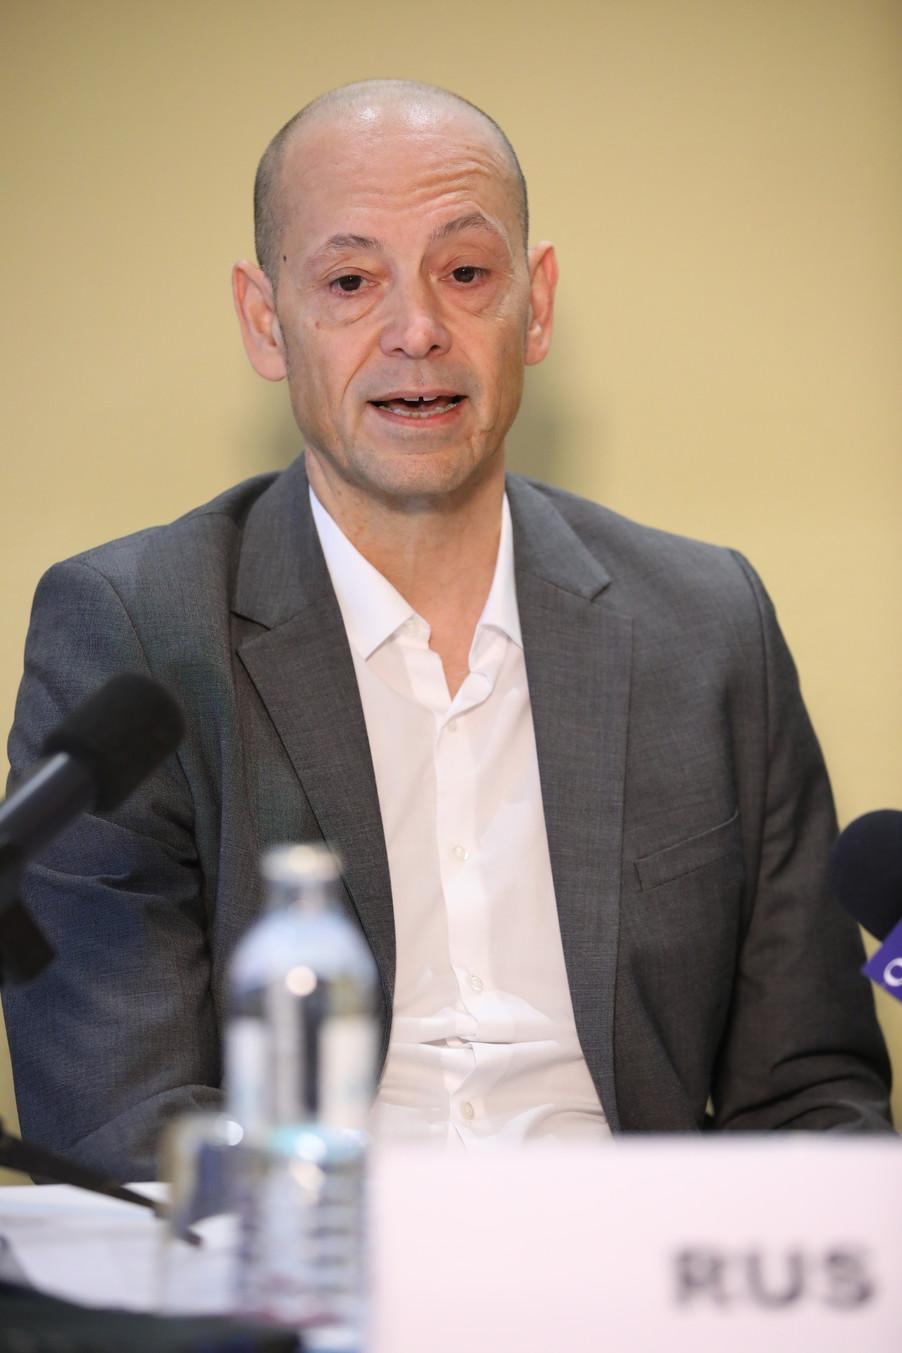 Bild 24 | Vorab-Pressekonferenz anlässlich der 16. Jahrestagung der Österreichischen Gesellschaft für ...